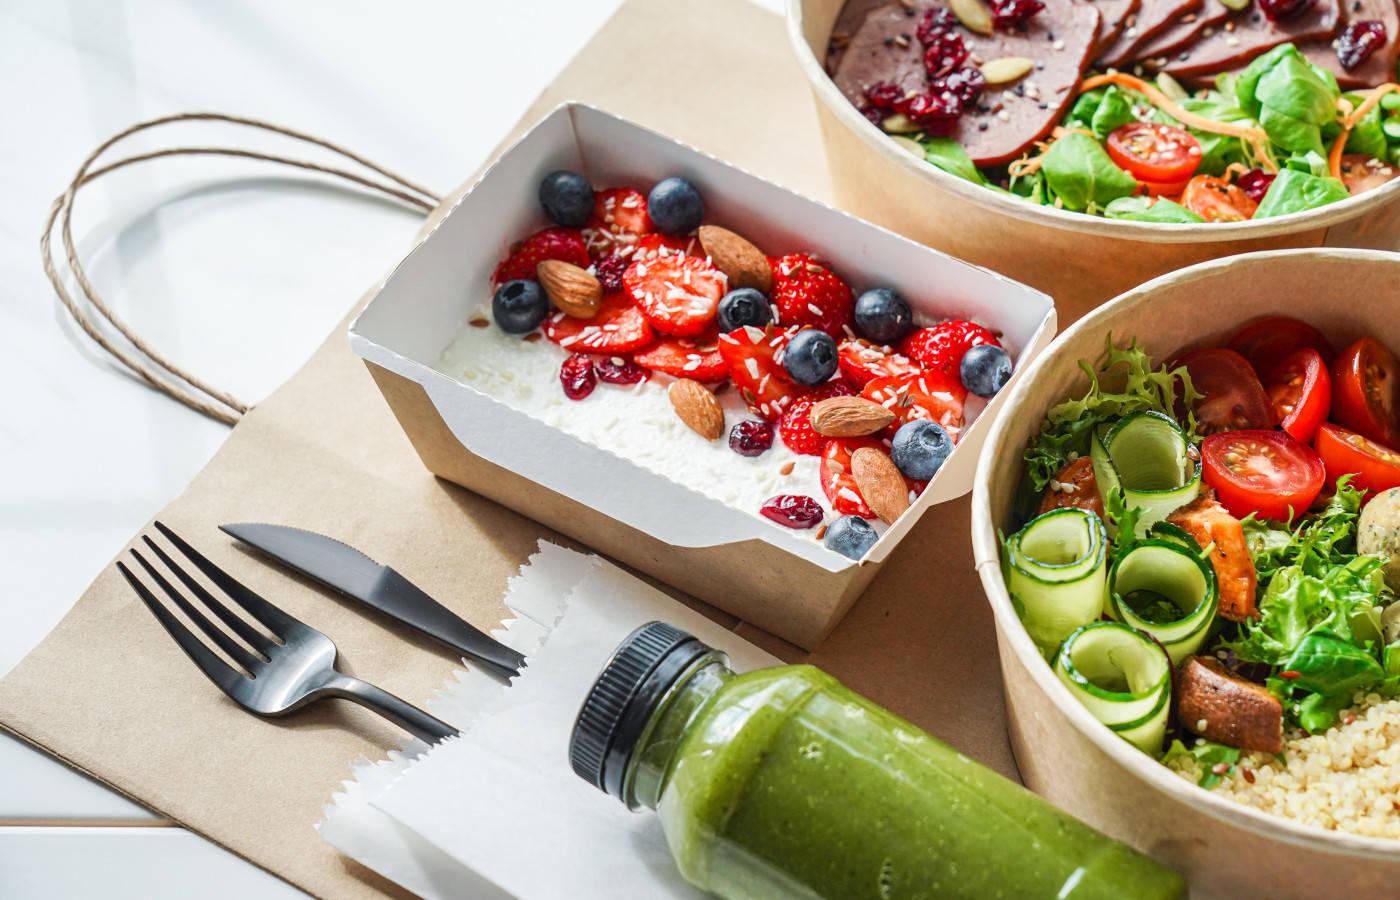 Unverarbeitete und saisonale Produkte sorgen für eine klimafreundliche und nachhaltige Ernährung